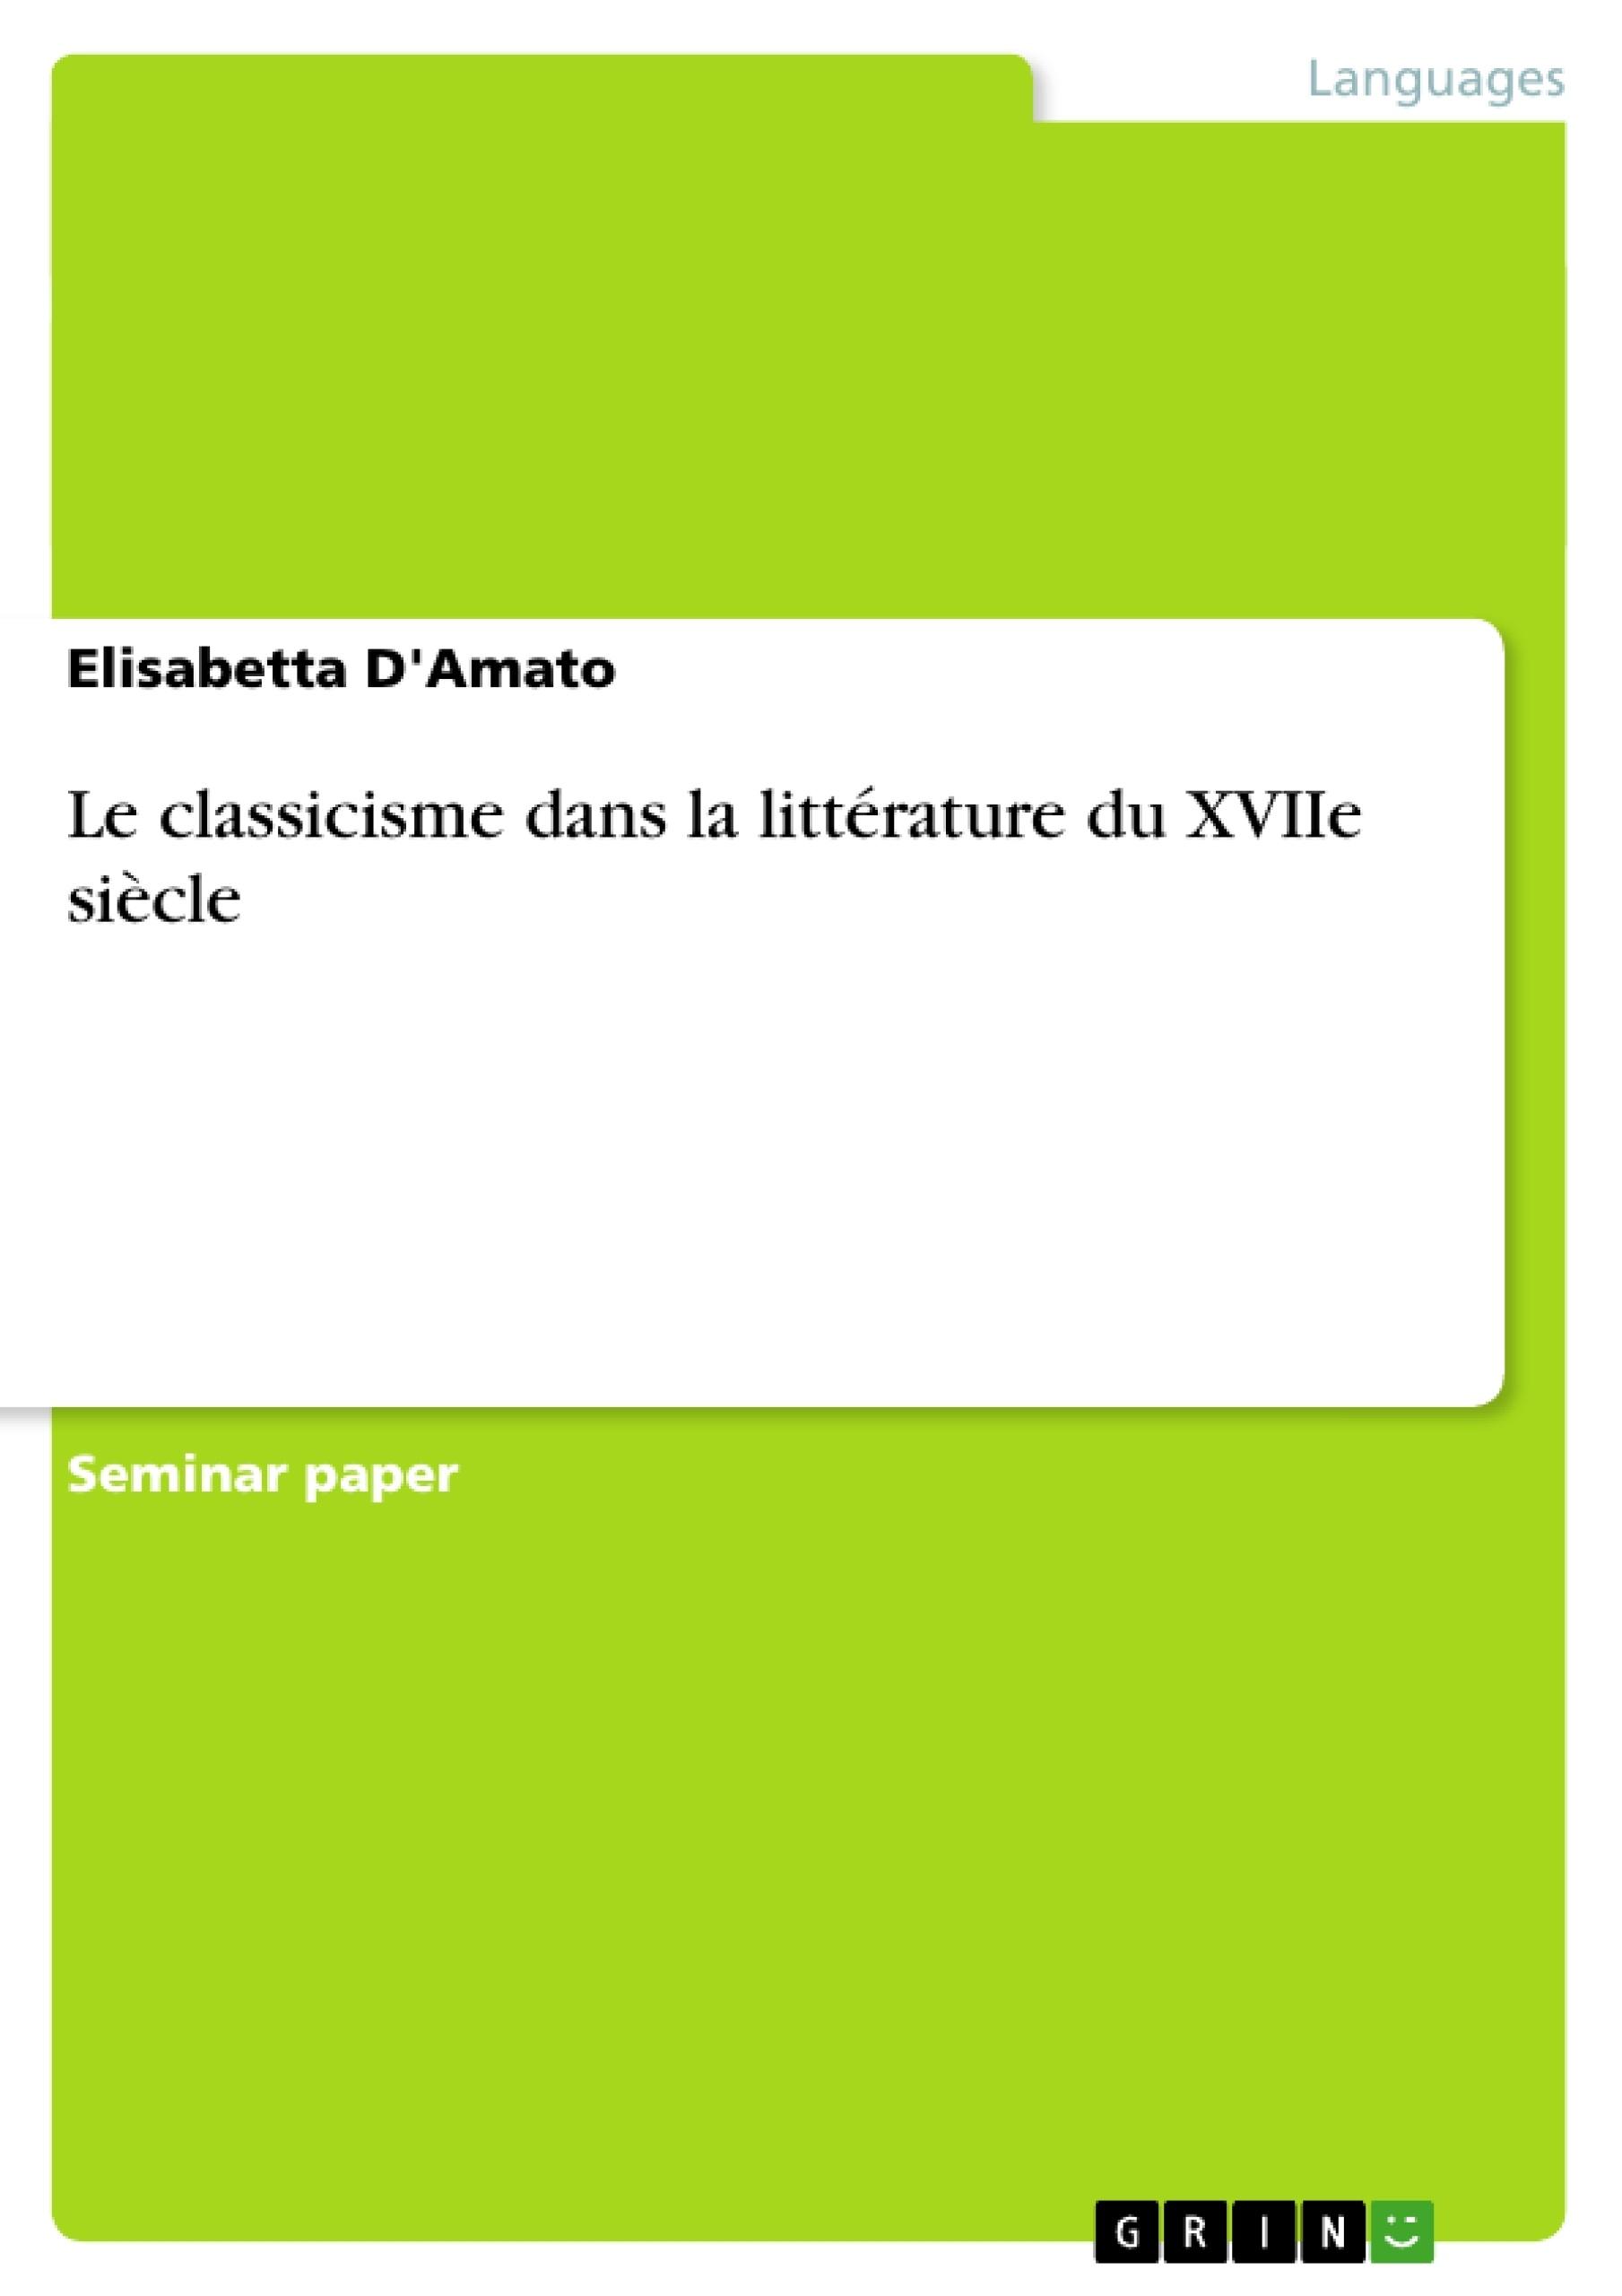 Titre: Le classicisme dans la littérature du XVIIe siècle